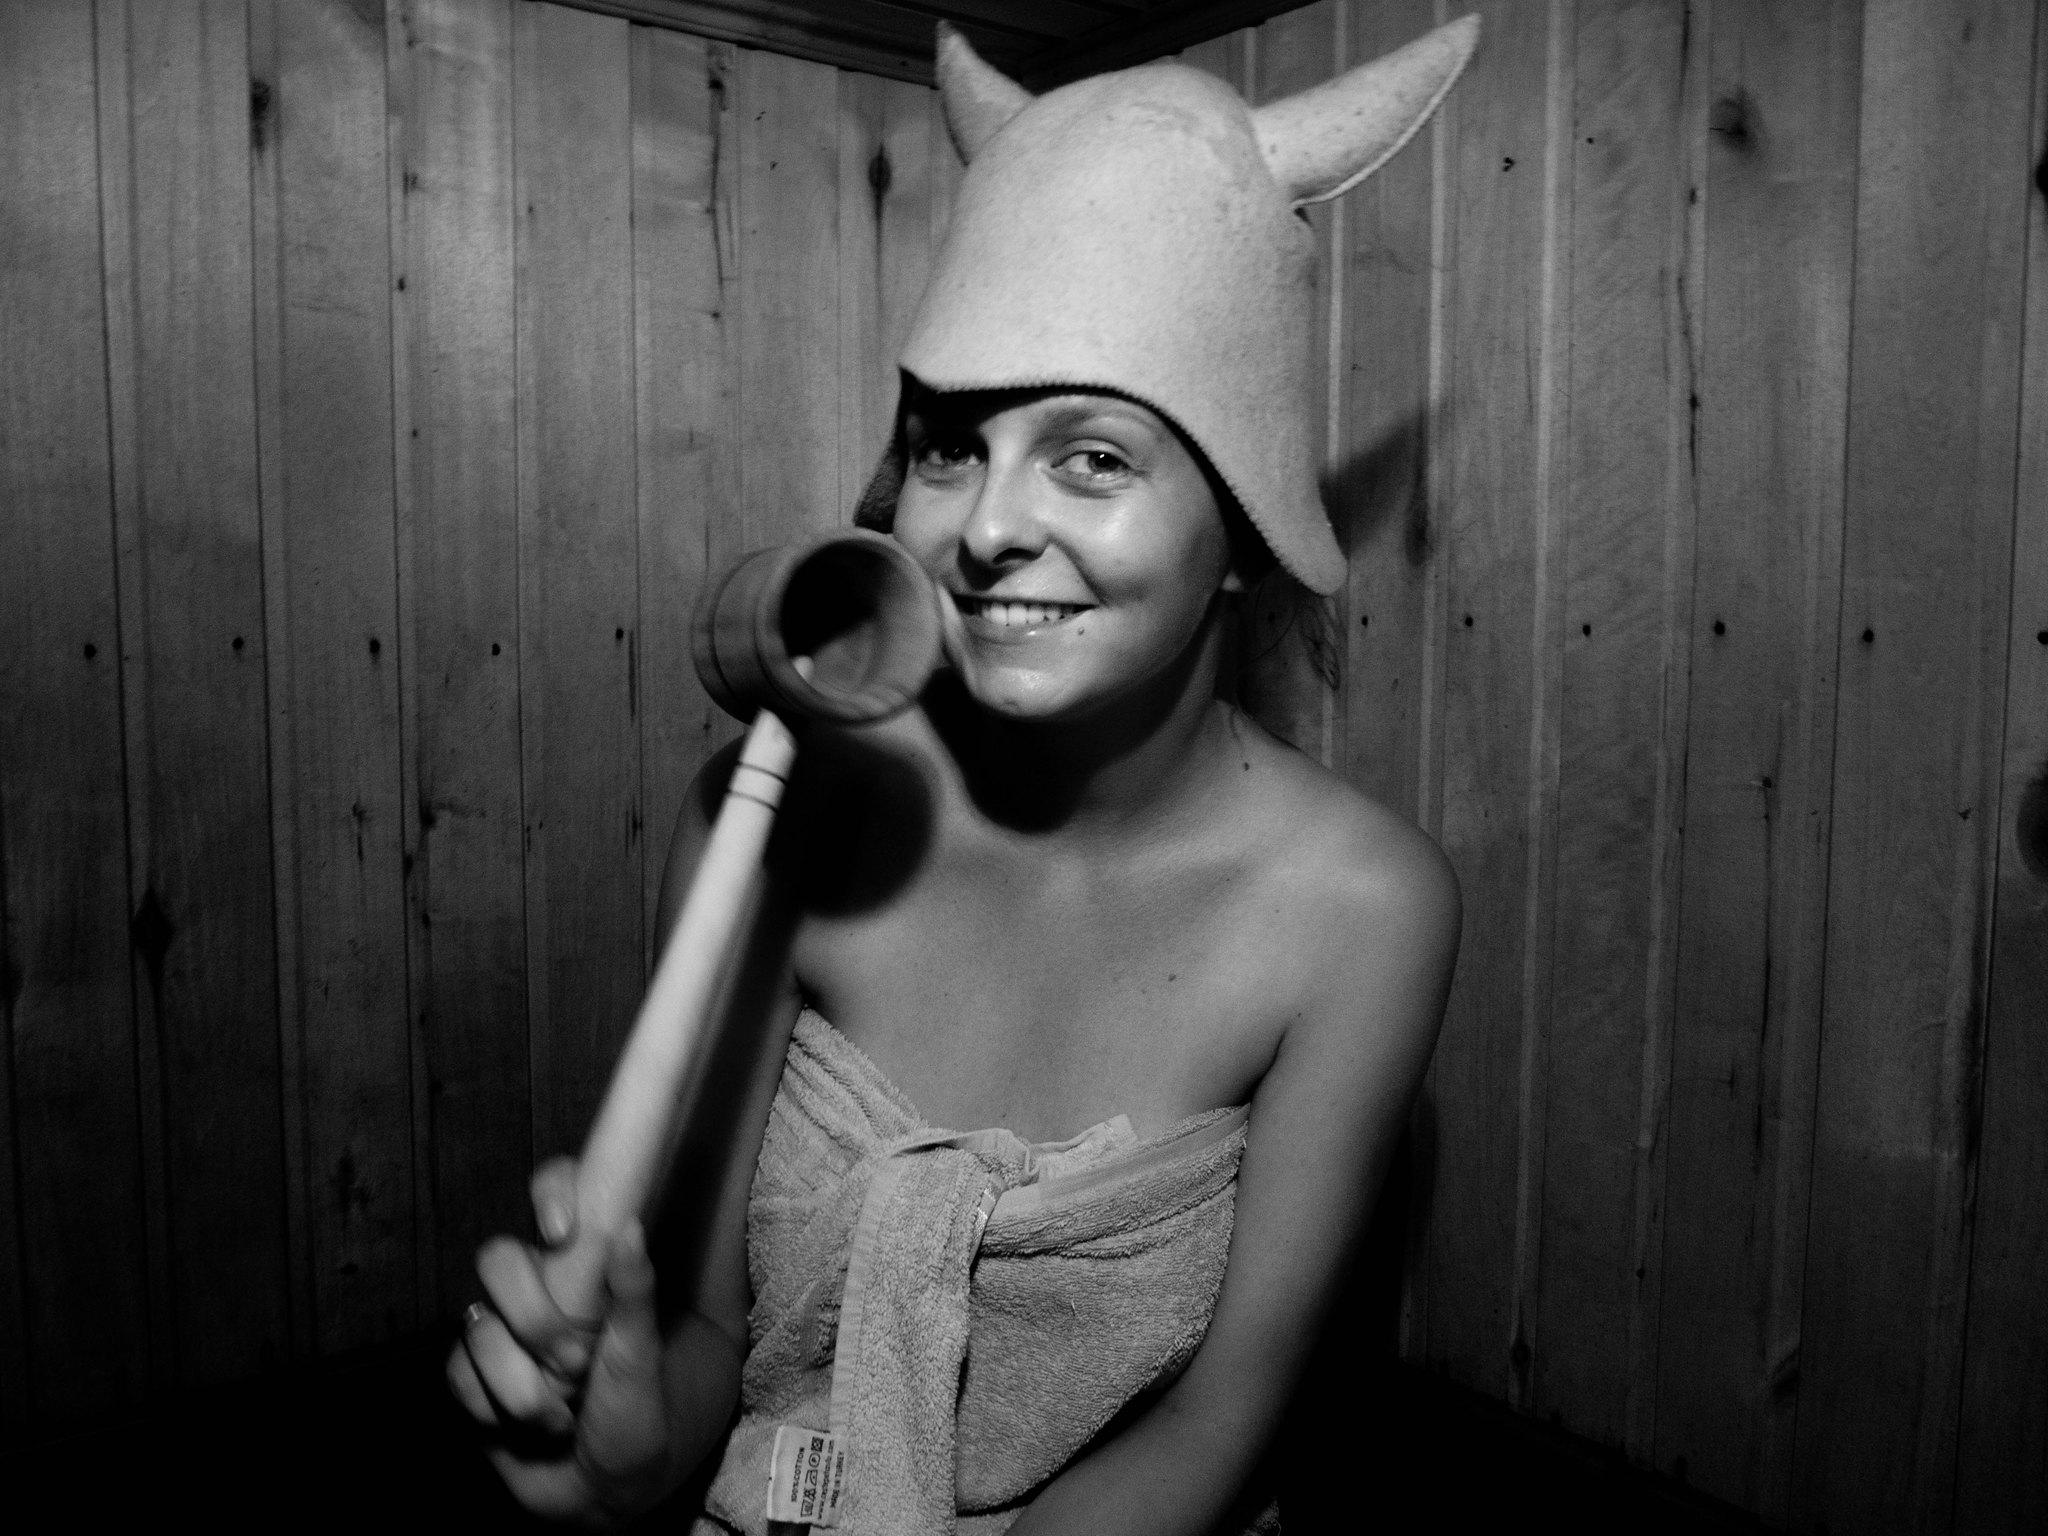 Baňa s plstěnou čepicí // Banya with a felt hat